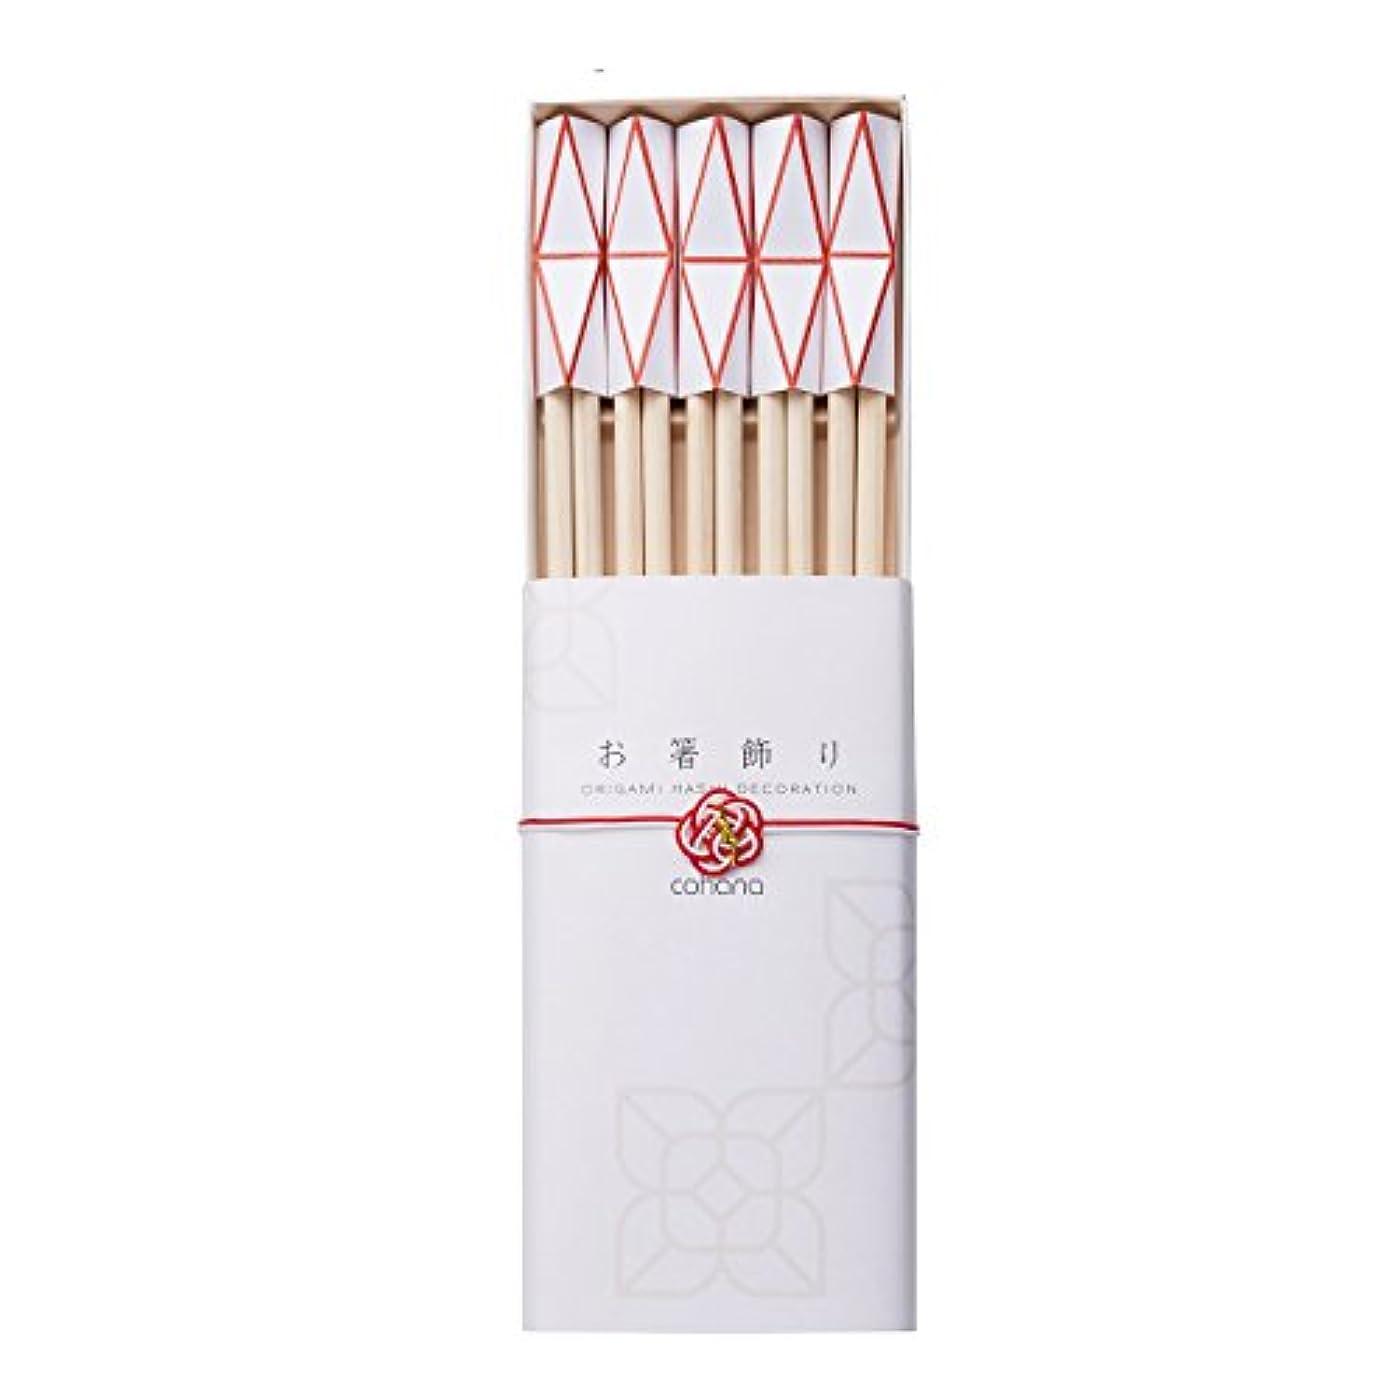 溢れんばかりの航海の名目上のcohana 箸置き お箸飾り 鉱石 紅白 5個セット 祝い箸付き HD-715-KO5